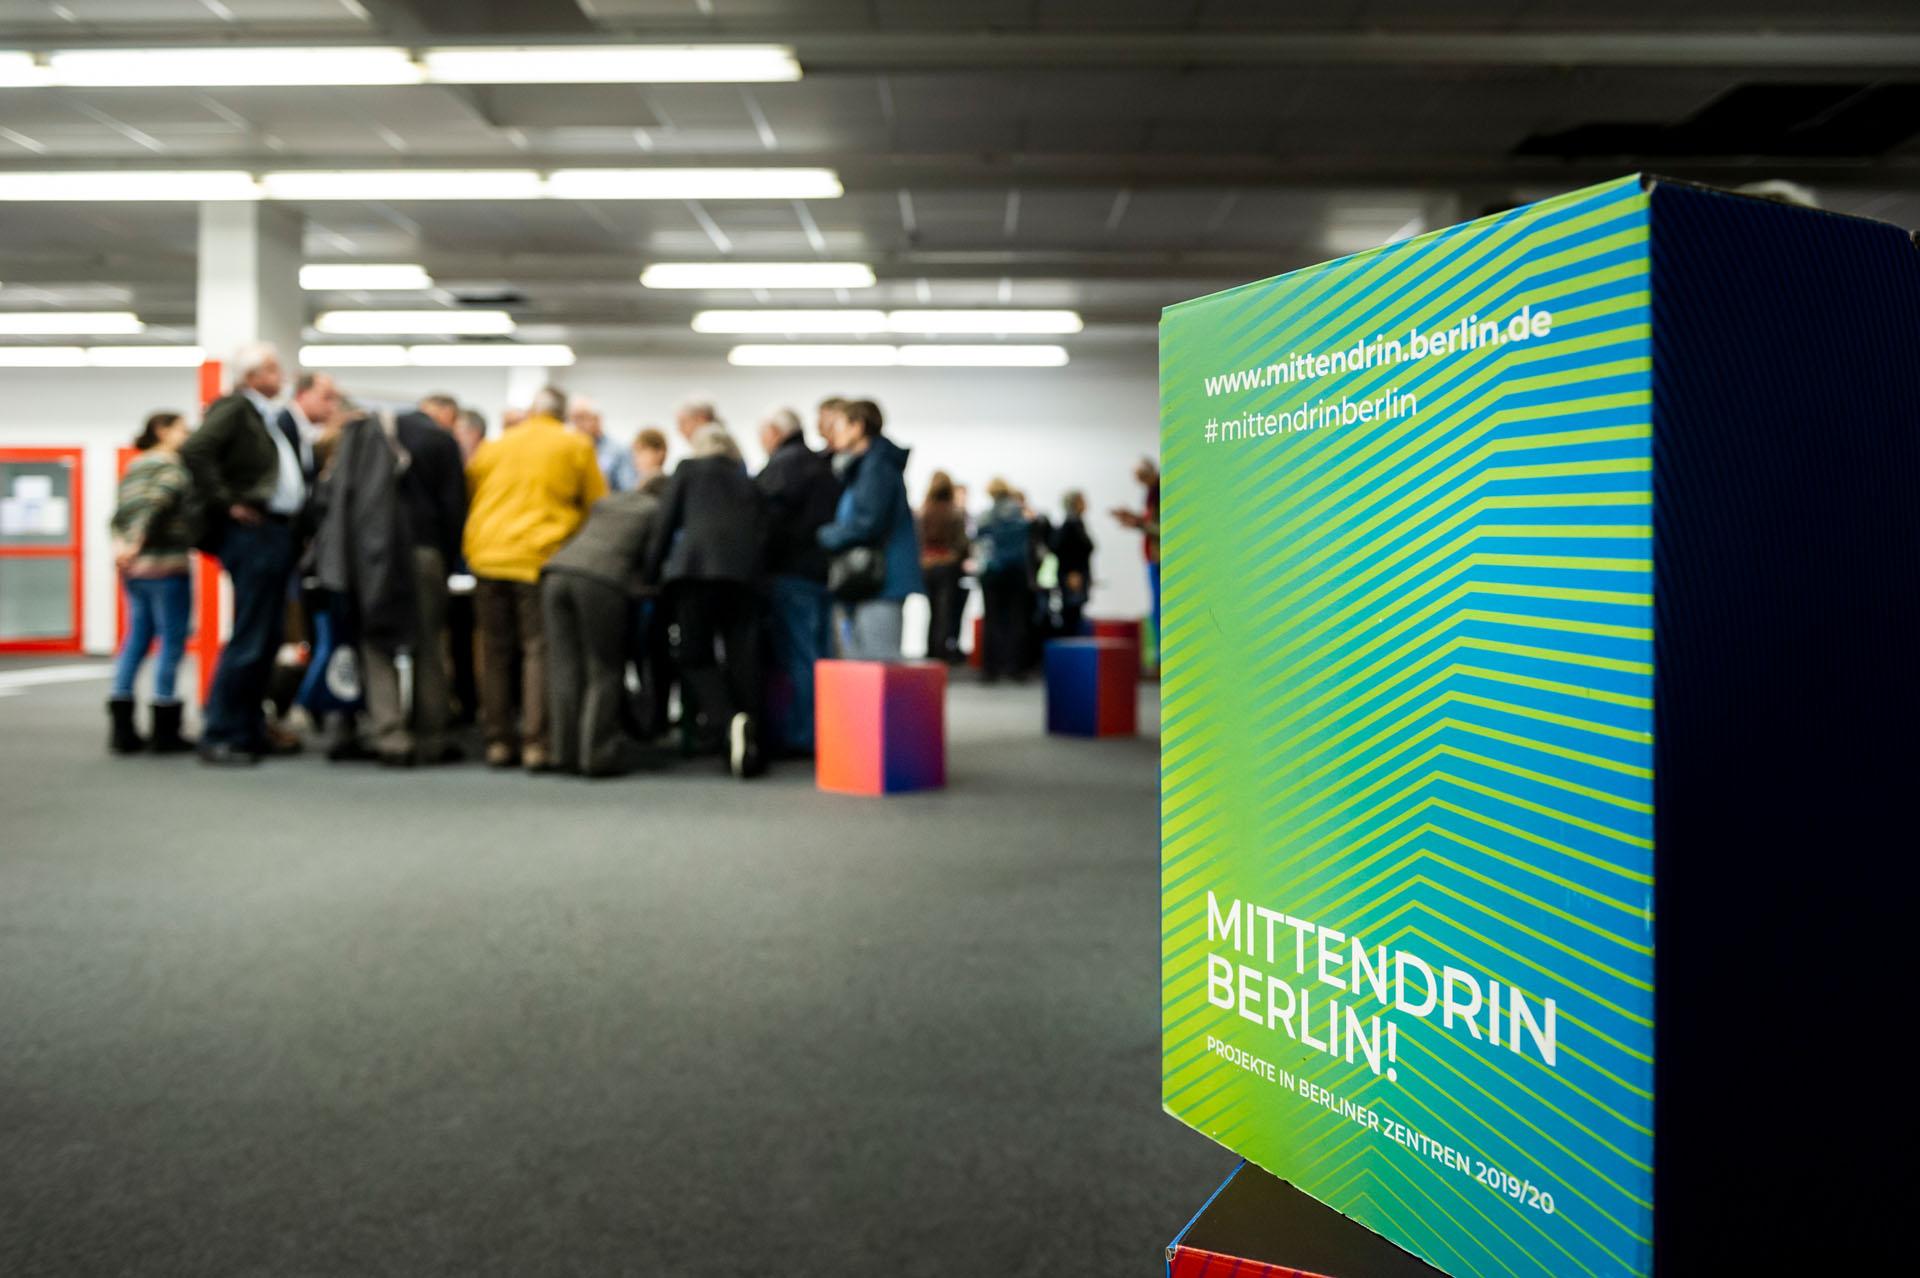 mittendrIn berlin! die zentren-initiative